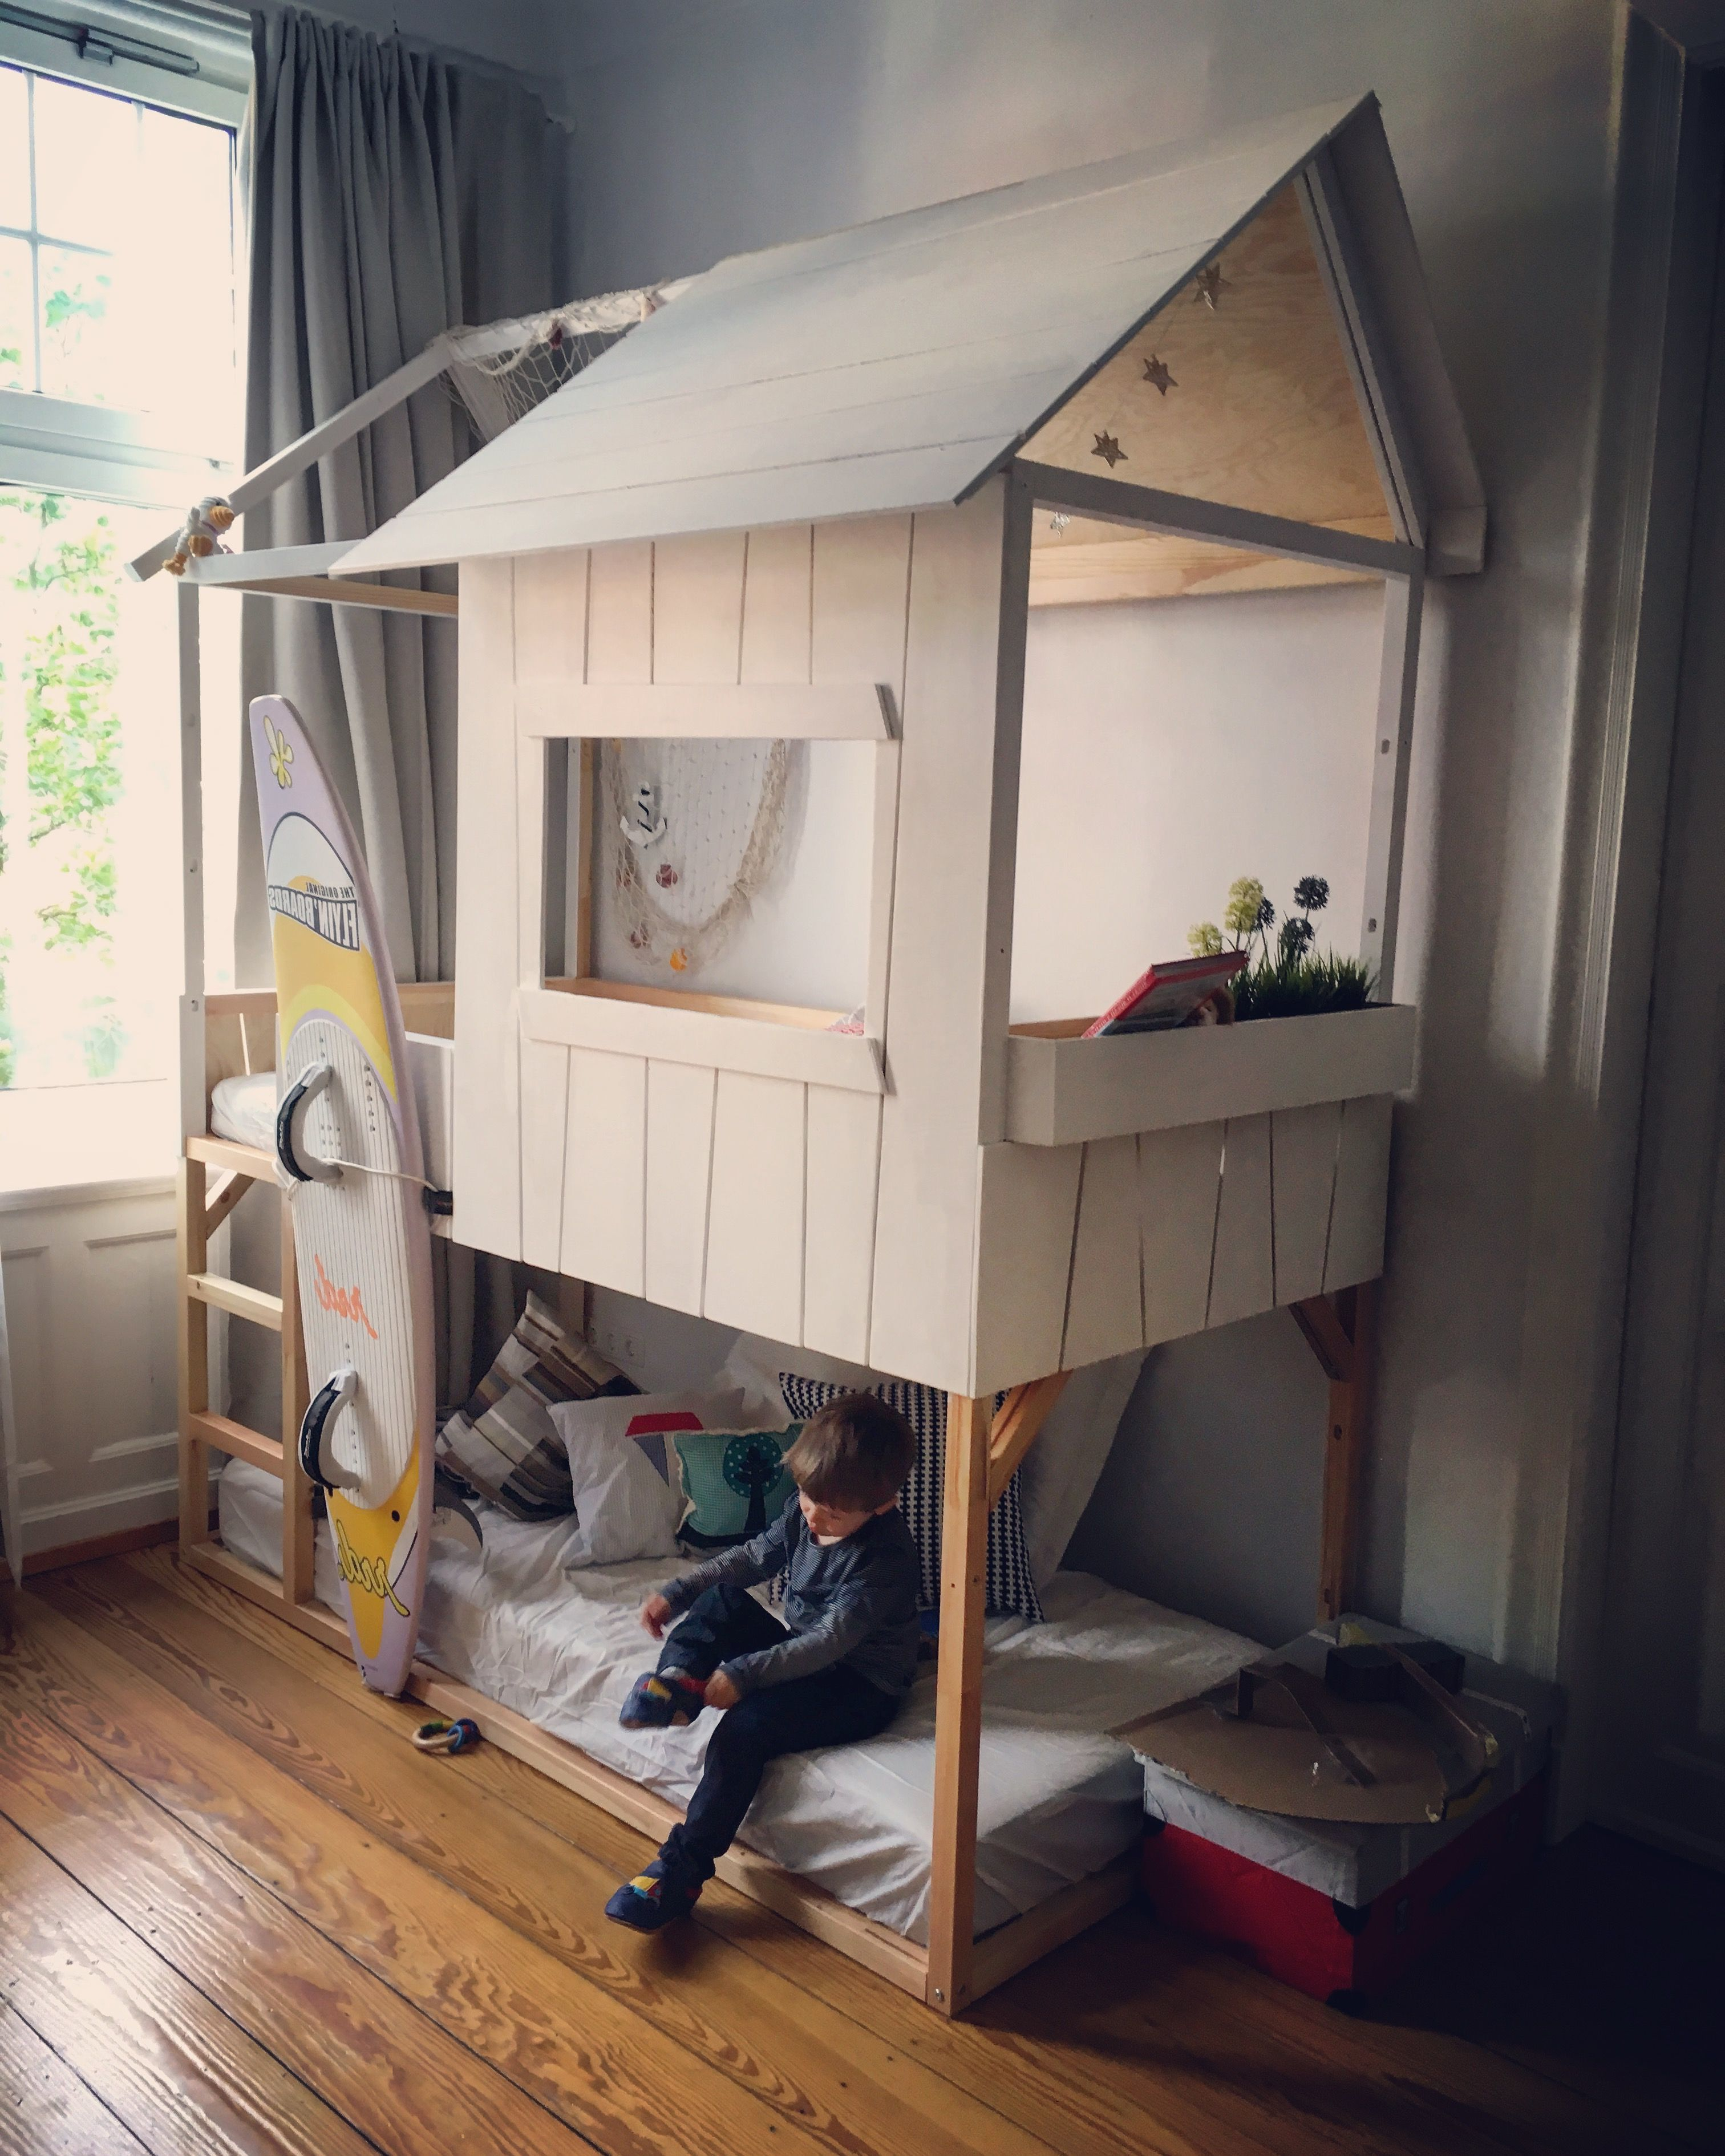 Ikea Kura Bett in ein Kinderhochbett Haus verwandeln